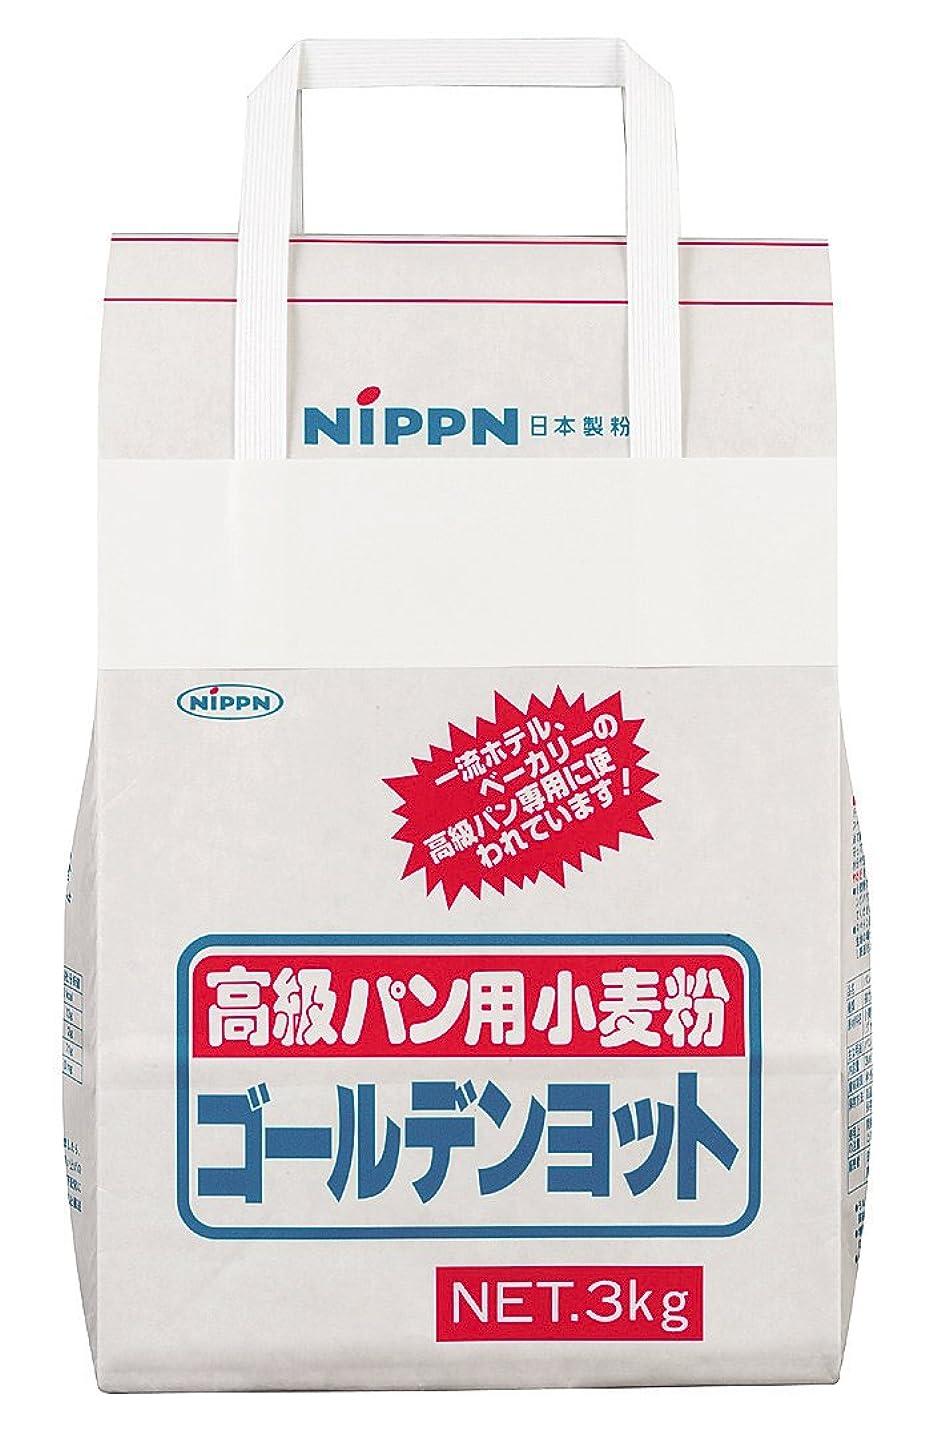 残る抑制するコロニアル小麦 全粒粉 「ブラウワー全粒粉」 3kg (250g × 12袋) パン用 小麦粉 強力粉